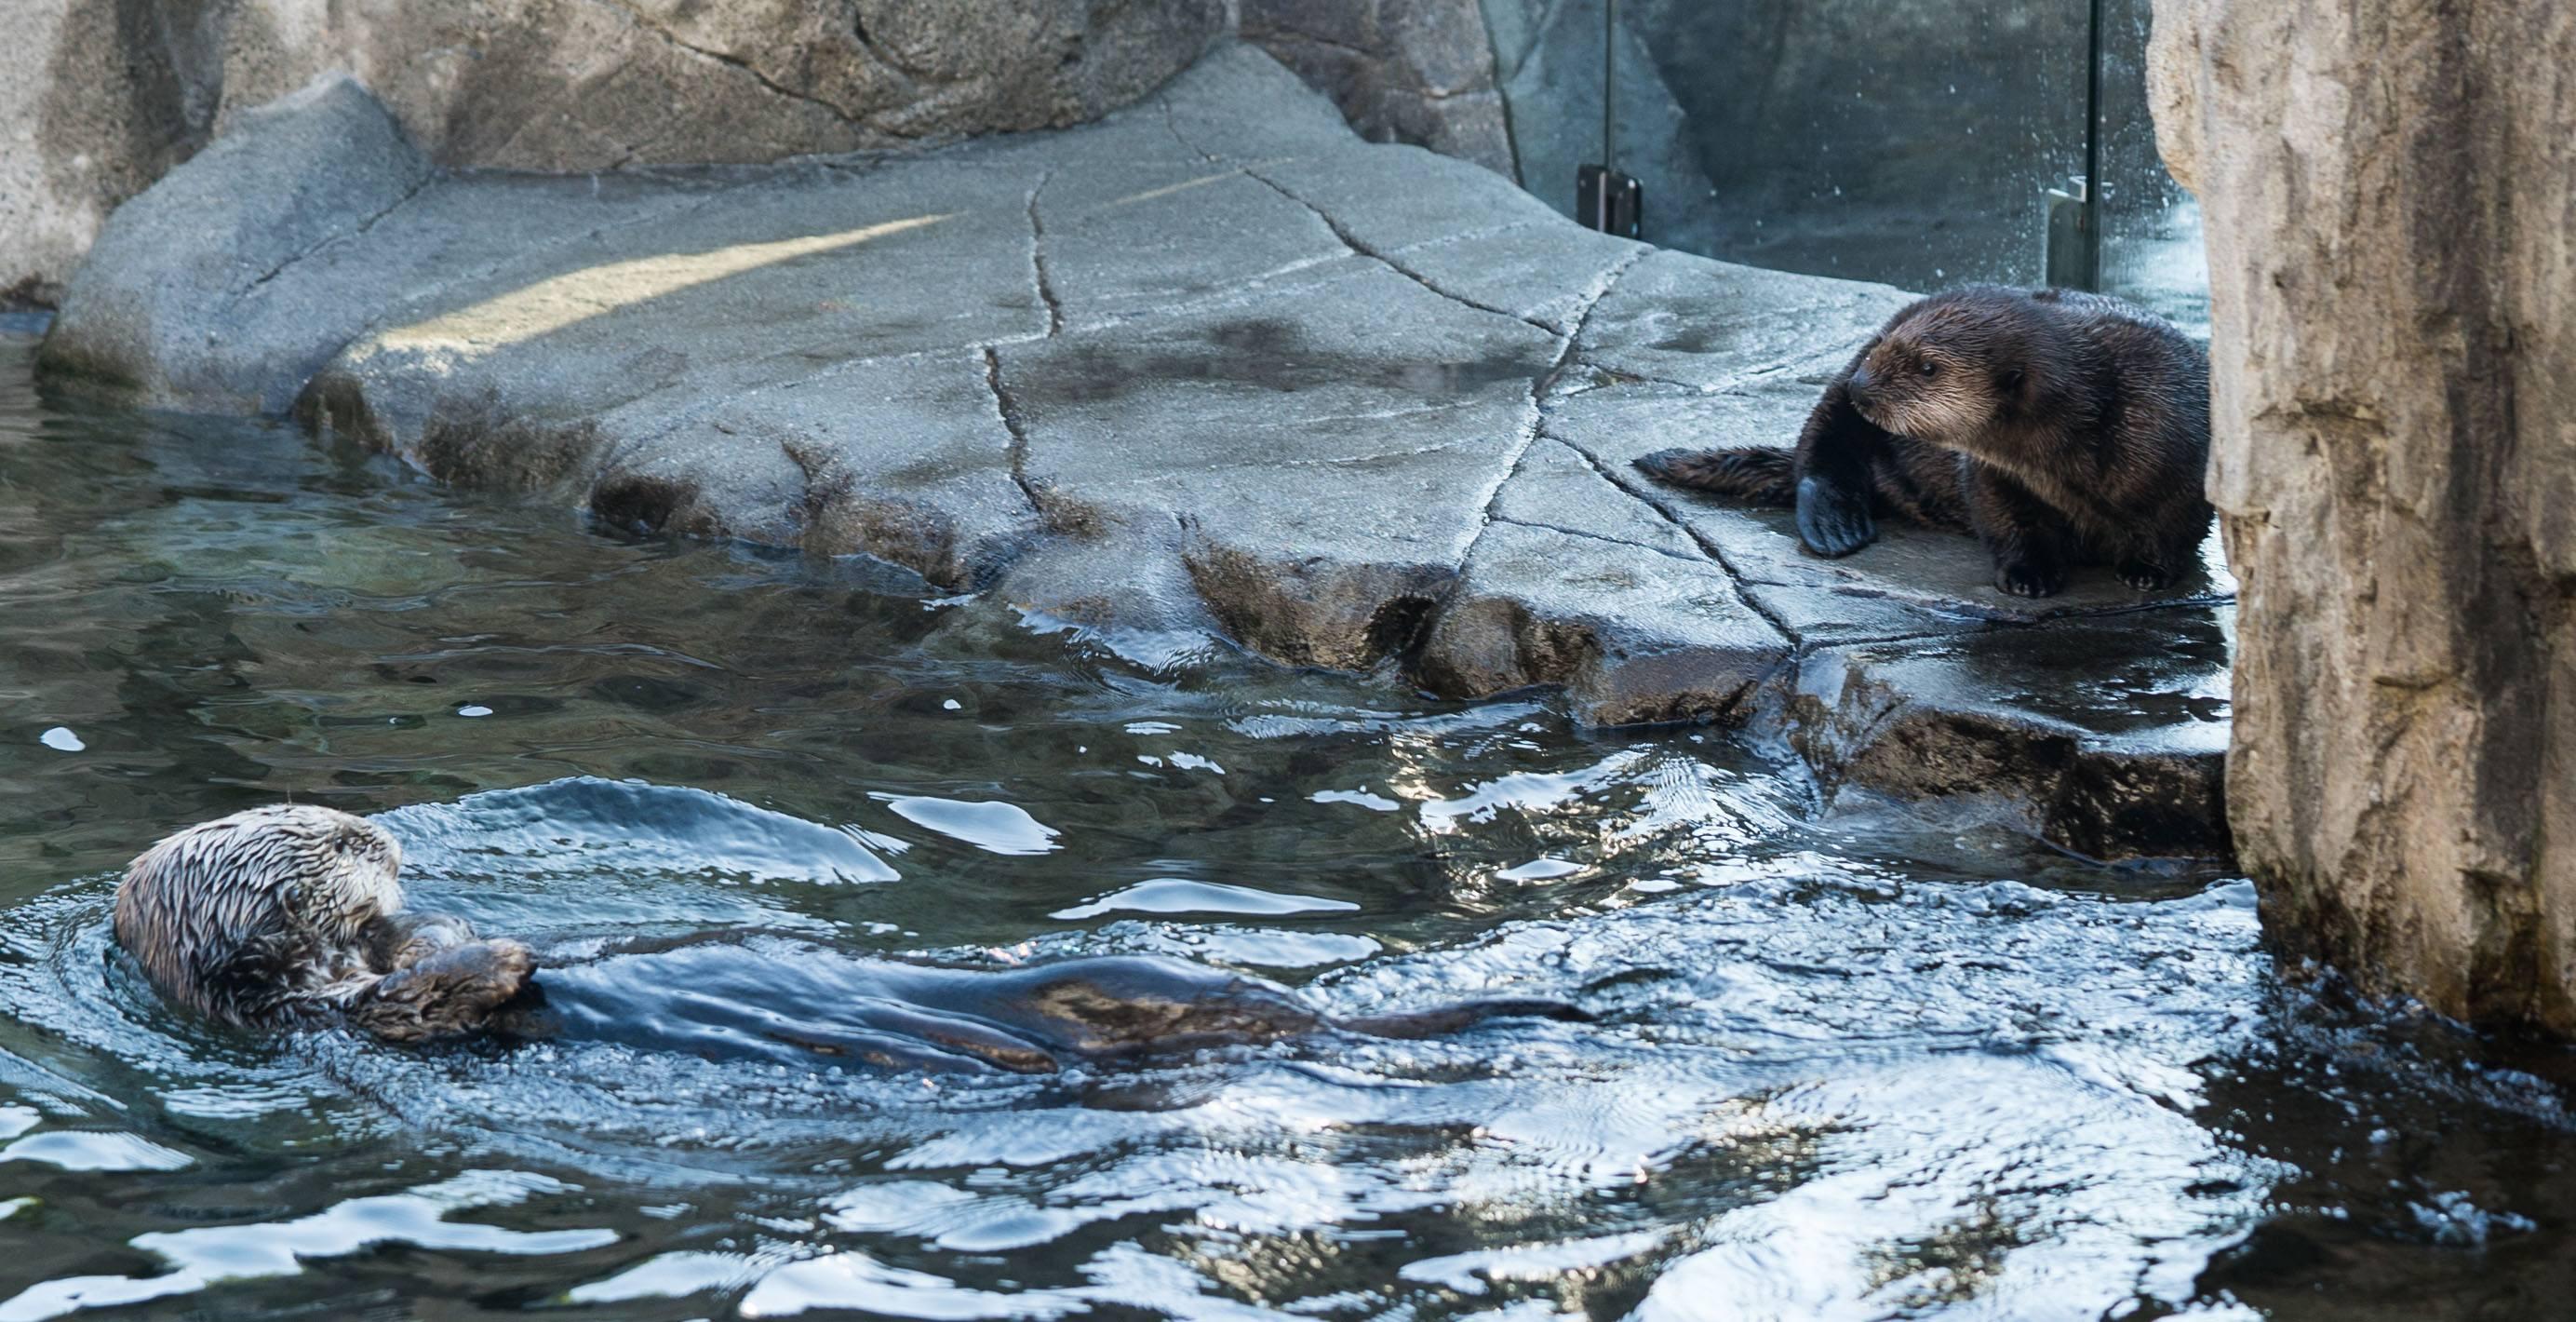 Hardy watching Tanu (Vancouver Aquarium)